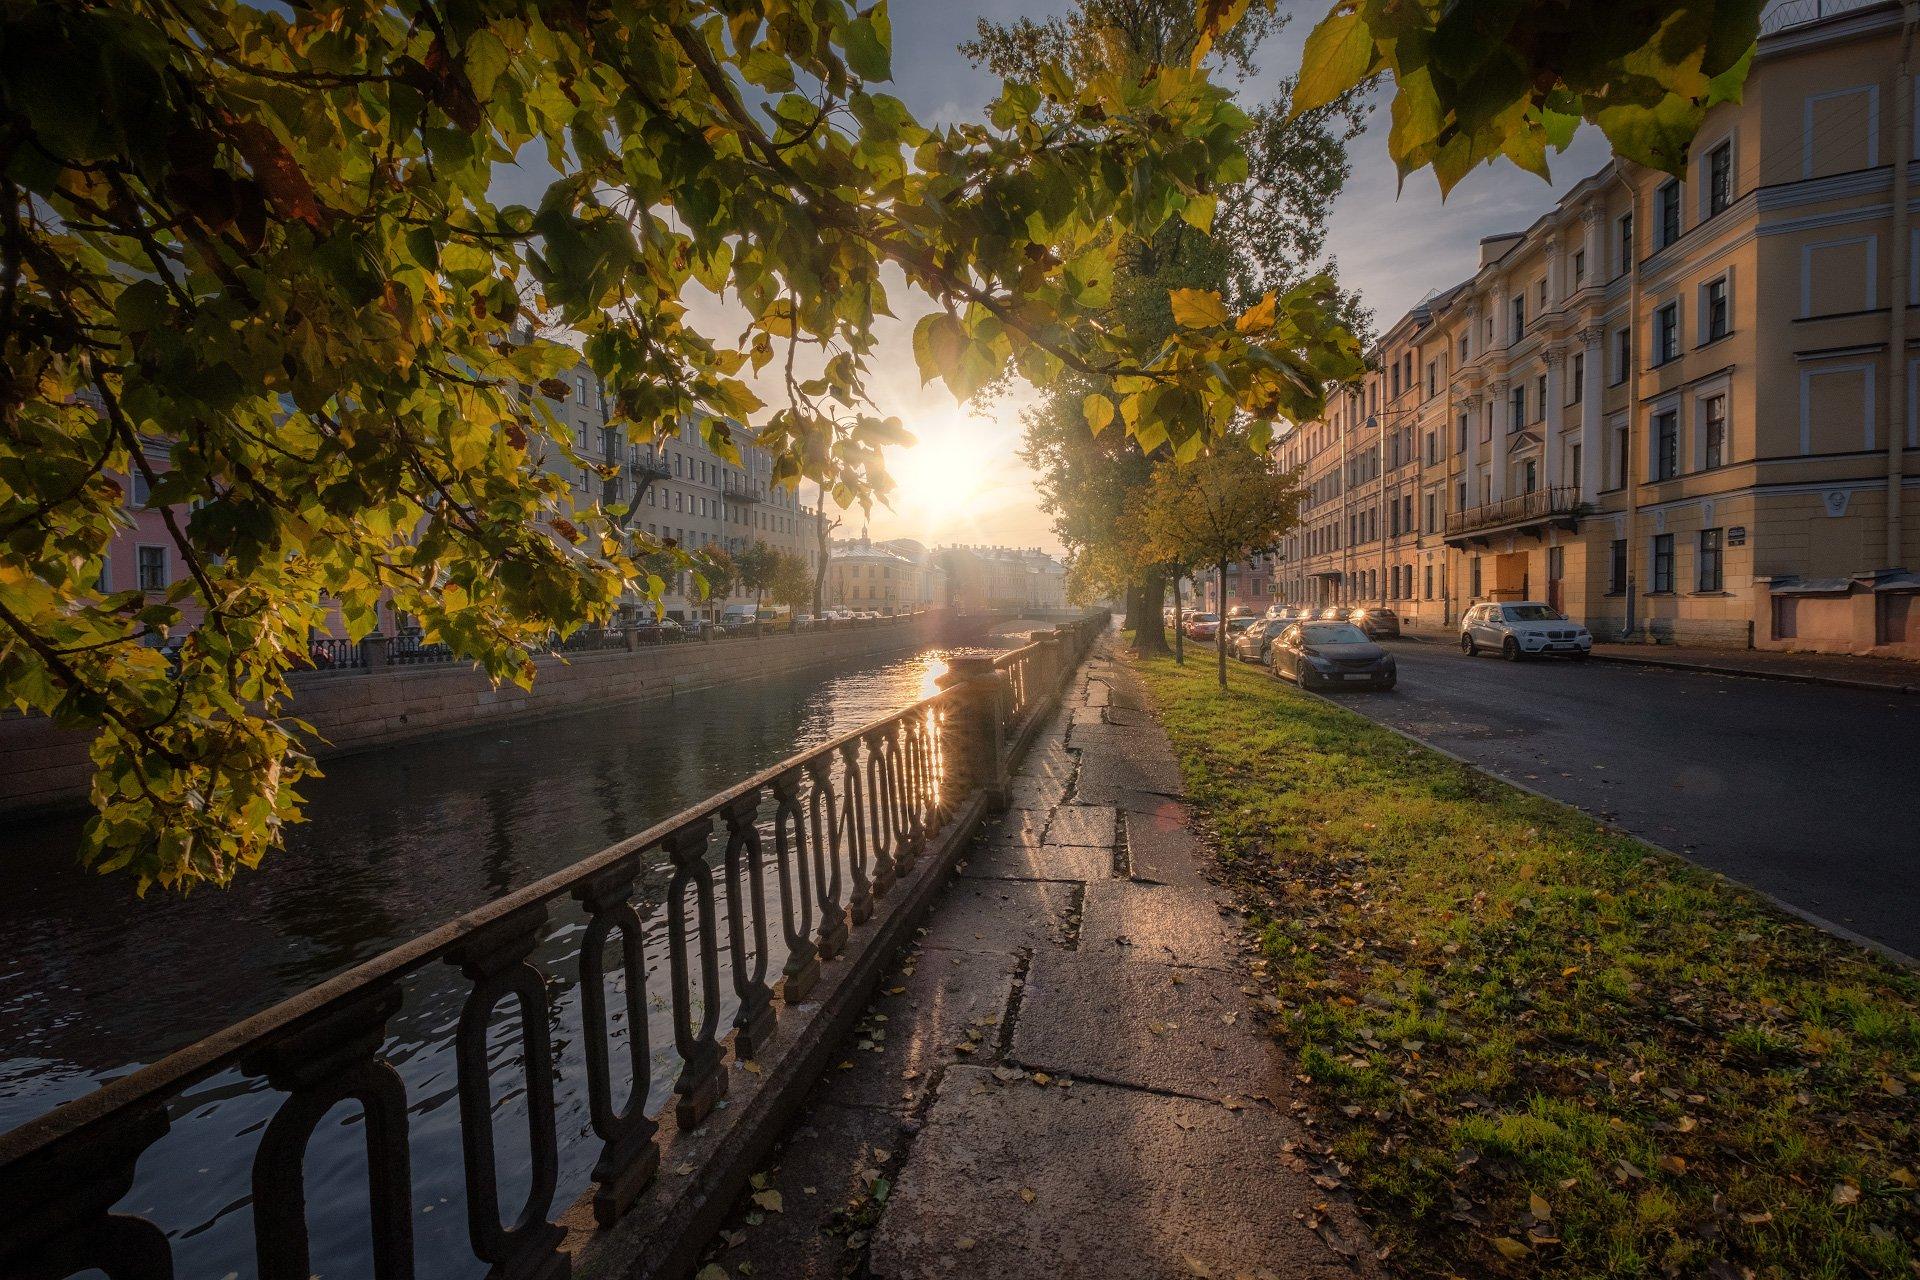 петербург, канал, грибоедова, солнце, осень, листва, утро, Андрей Чиж